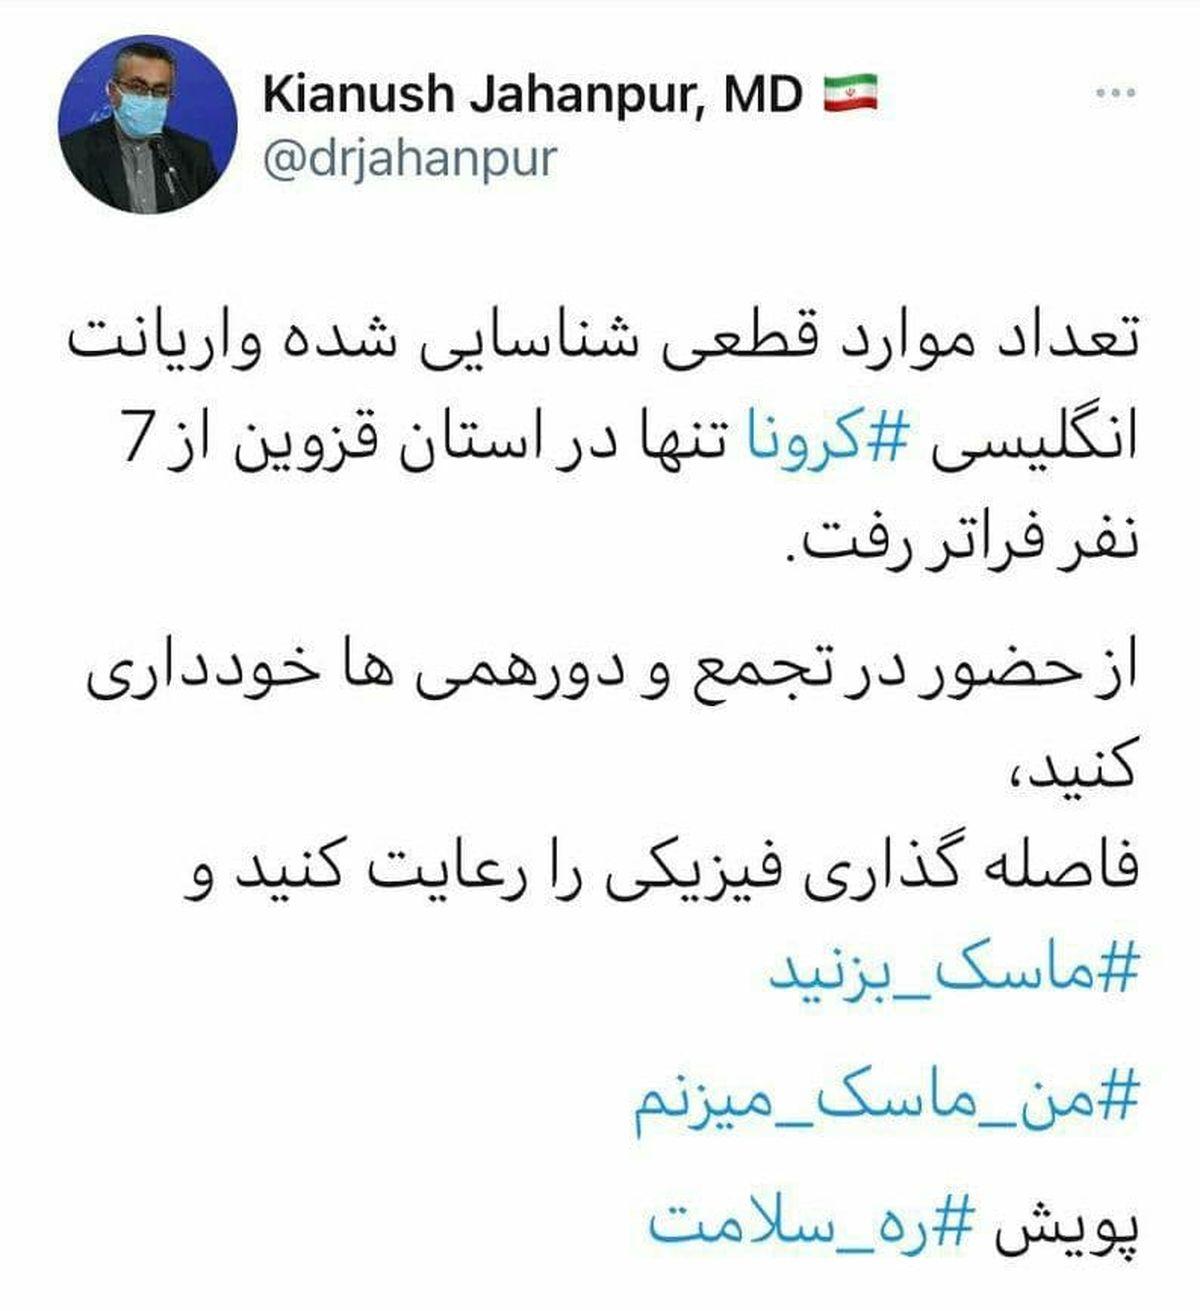 خبر ترسناک جهانپور درباره کرونای انگلیسی در ایران + توئیت